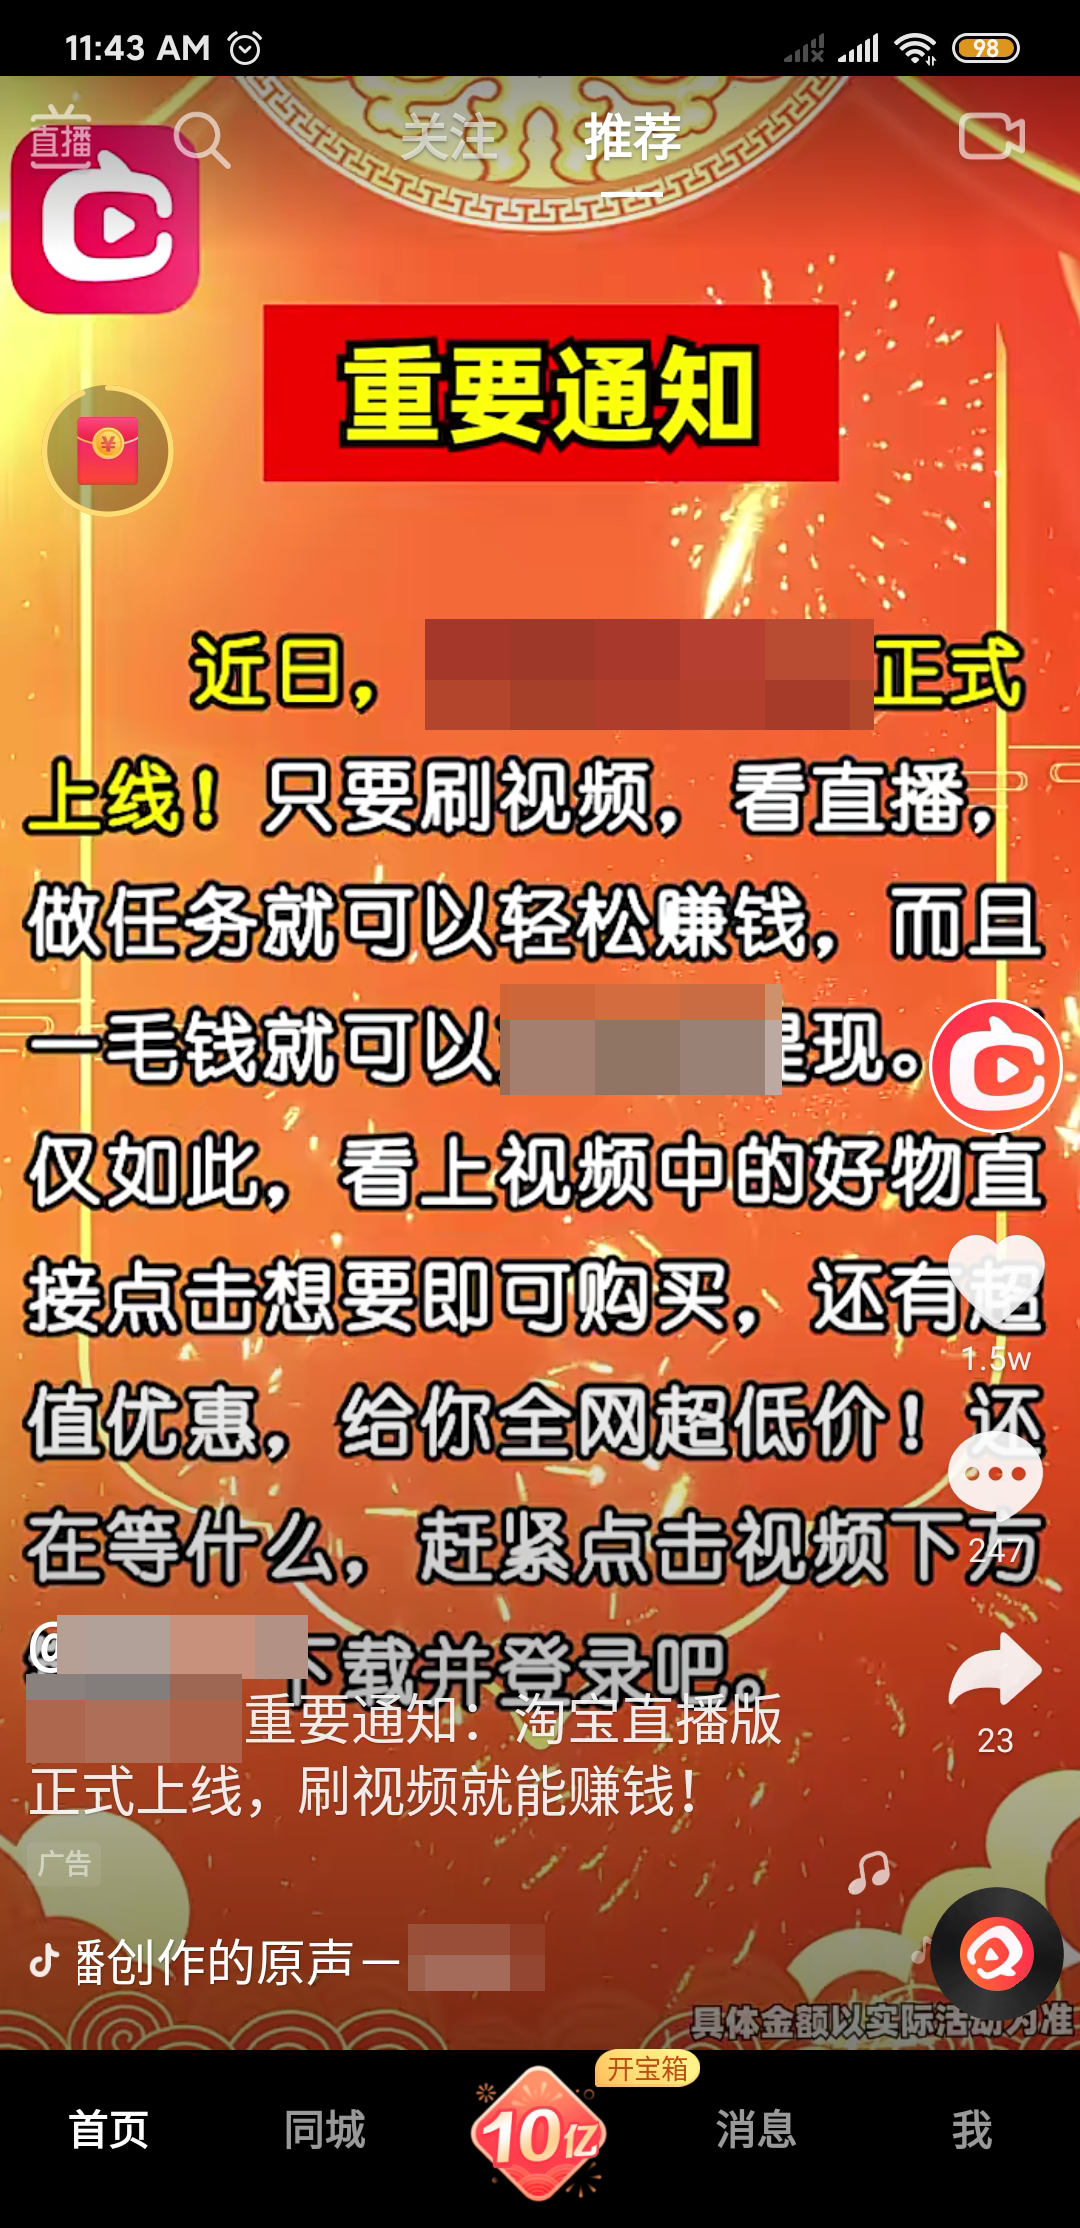 小米手机春晚节目卡顿解释